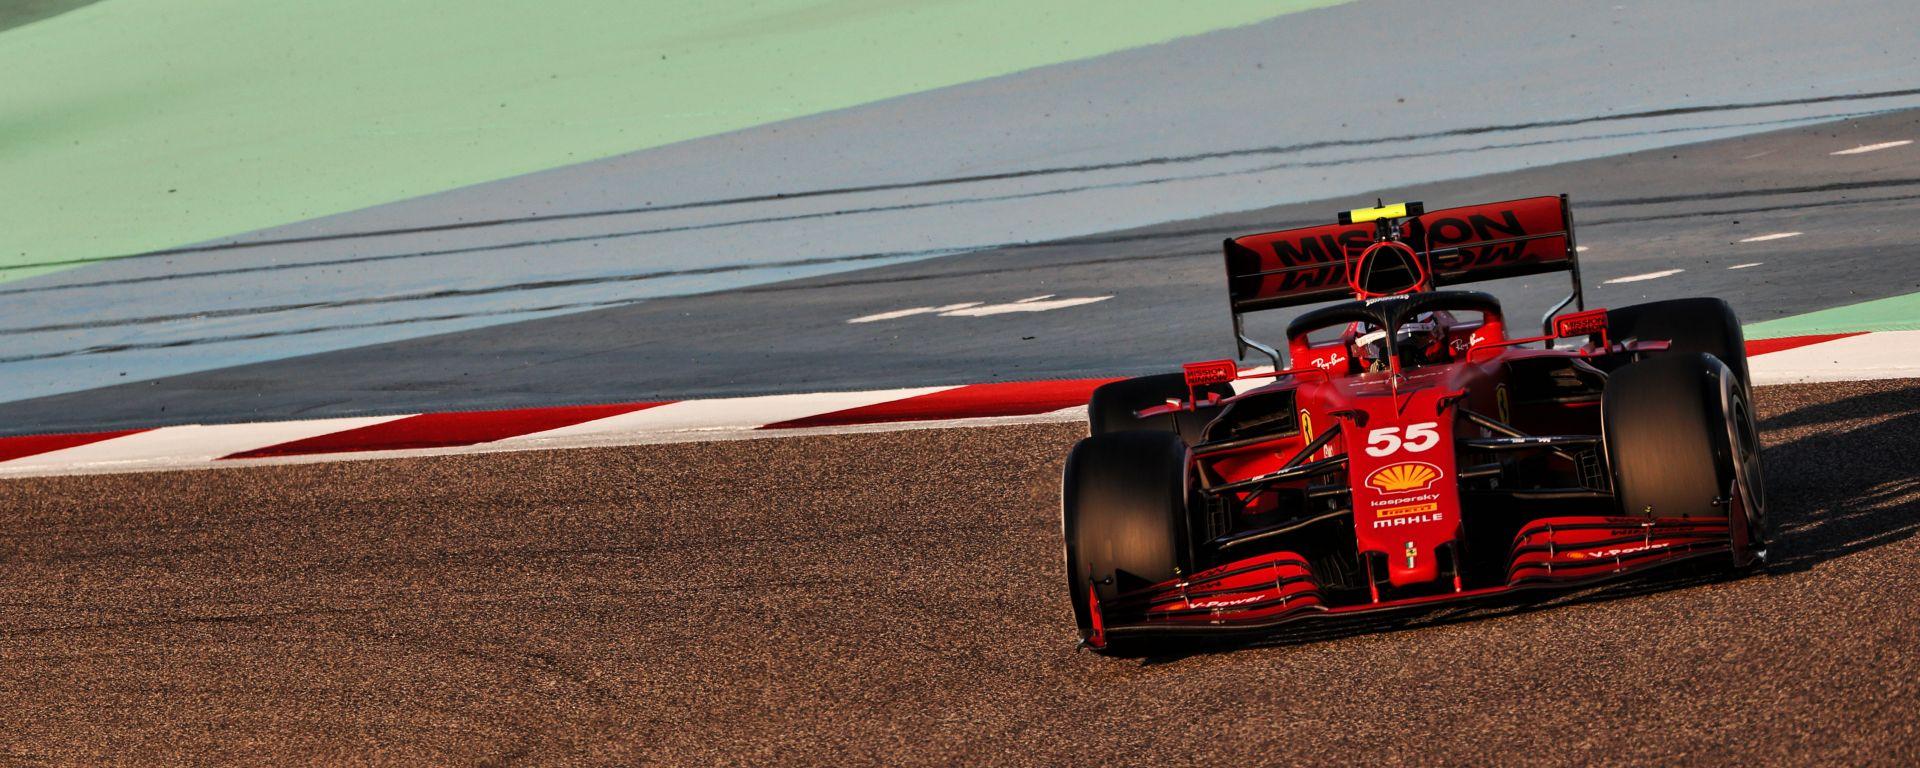 Test Bahrain 2021, Carlos Sainz (Ferrari)